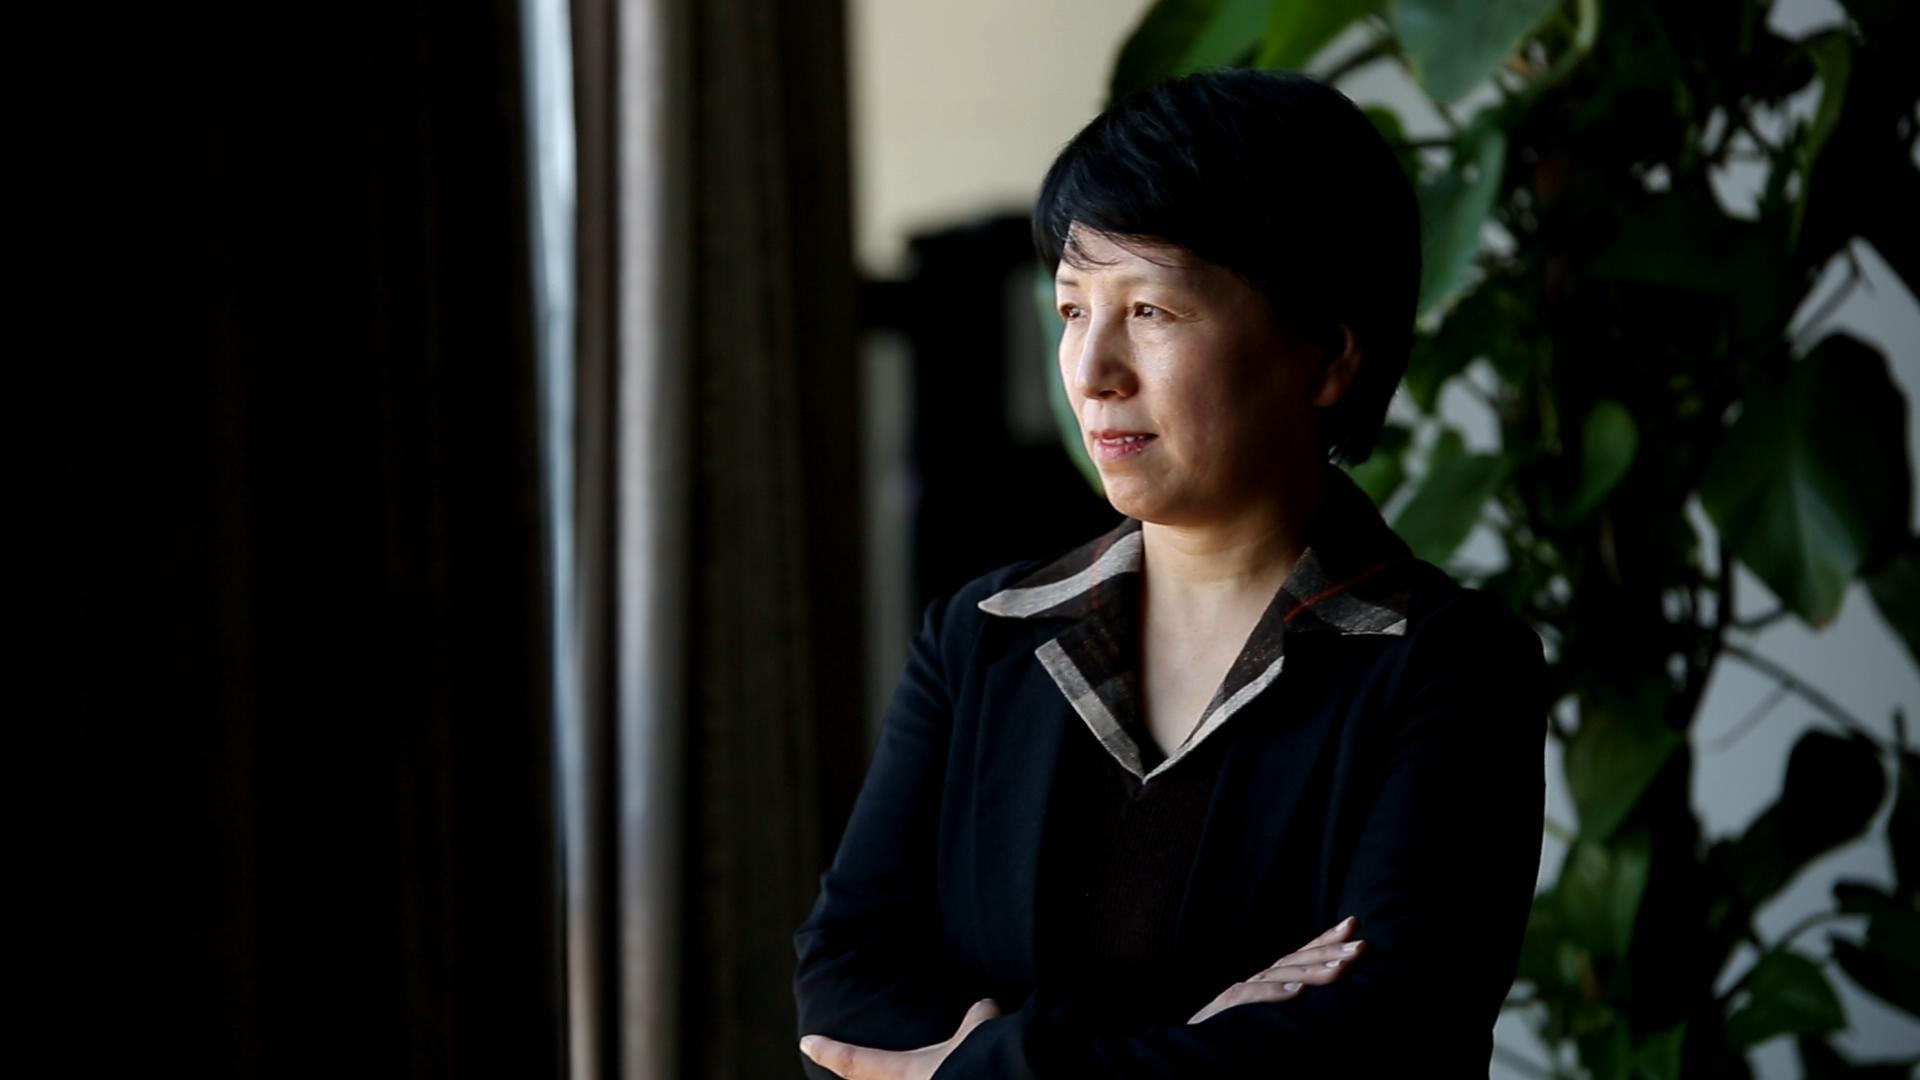 《理响中国》第二季丨悠悠寸心寄蓝天的大气处处长